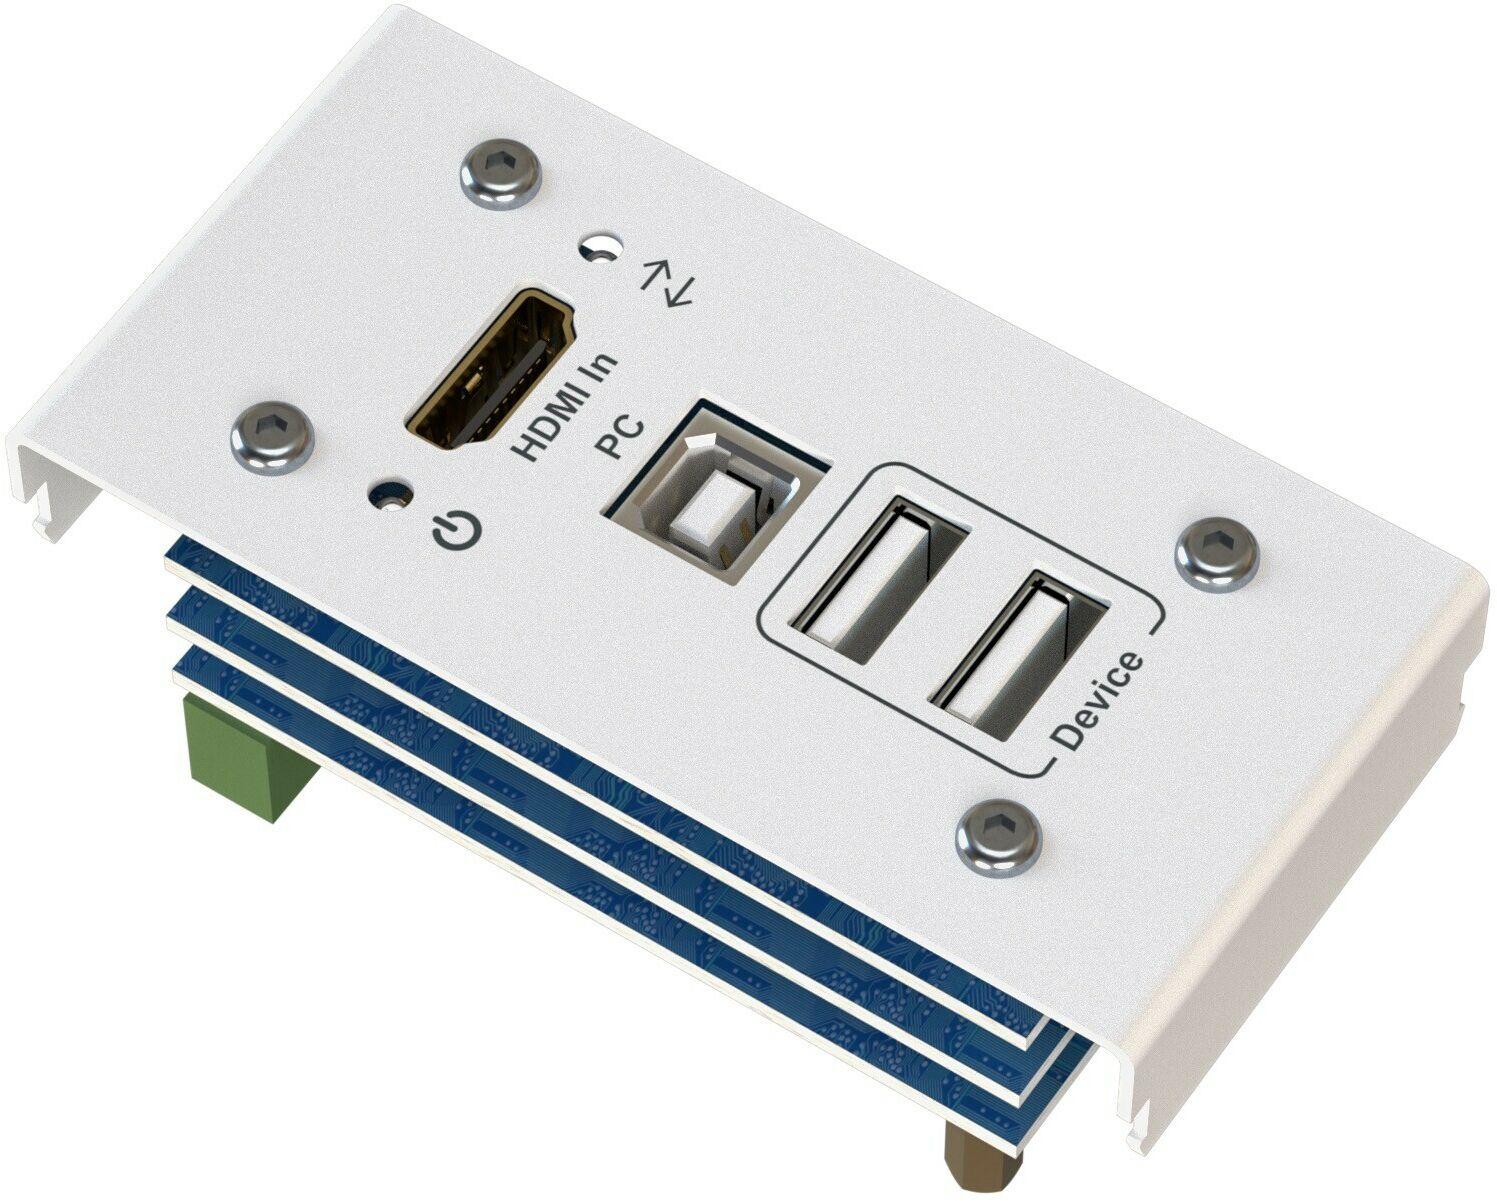 Kindermann Konnect flex 45 HDMI/USB Transmiter